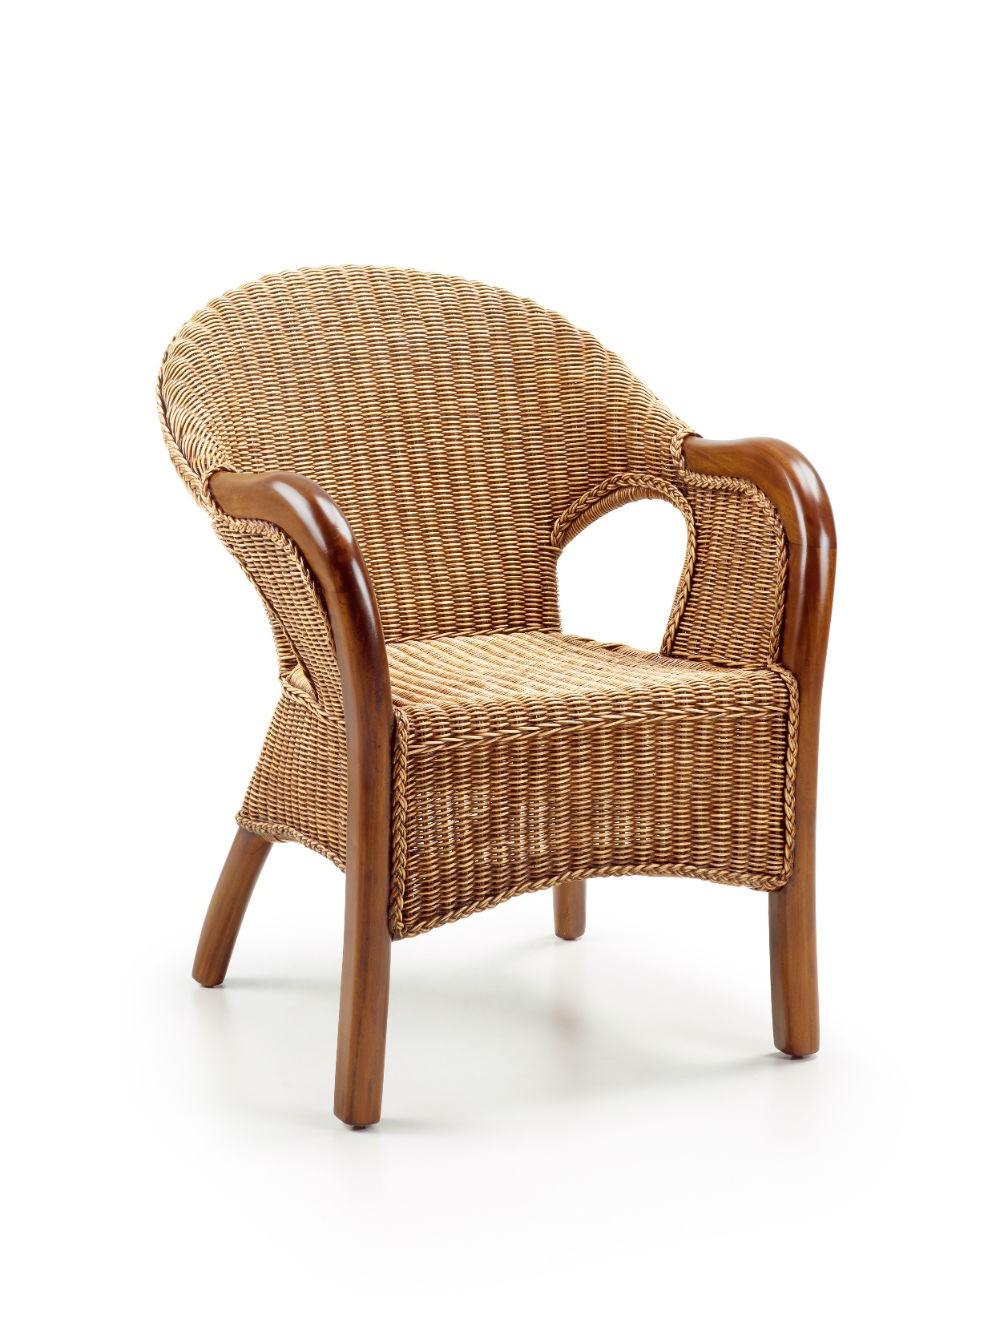 Silla moderna colonial clasica rattan 99 859001 mobles for Sillas clasicas modernas